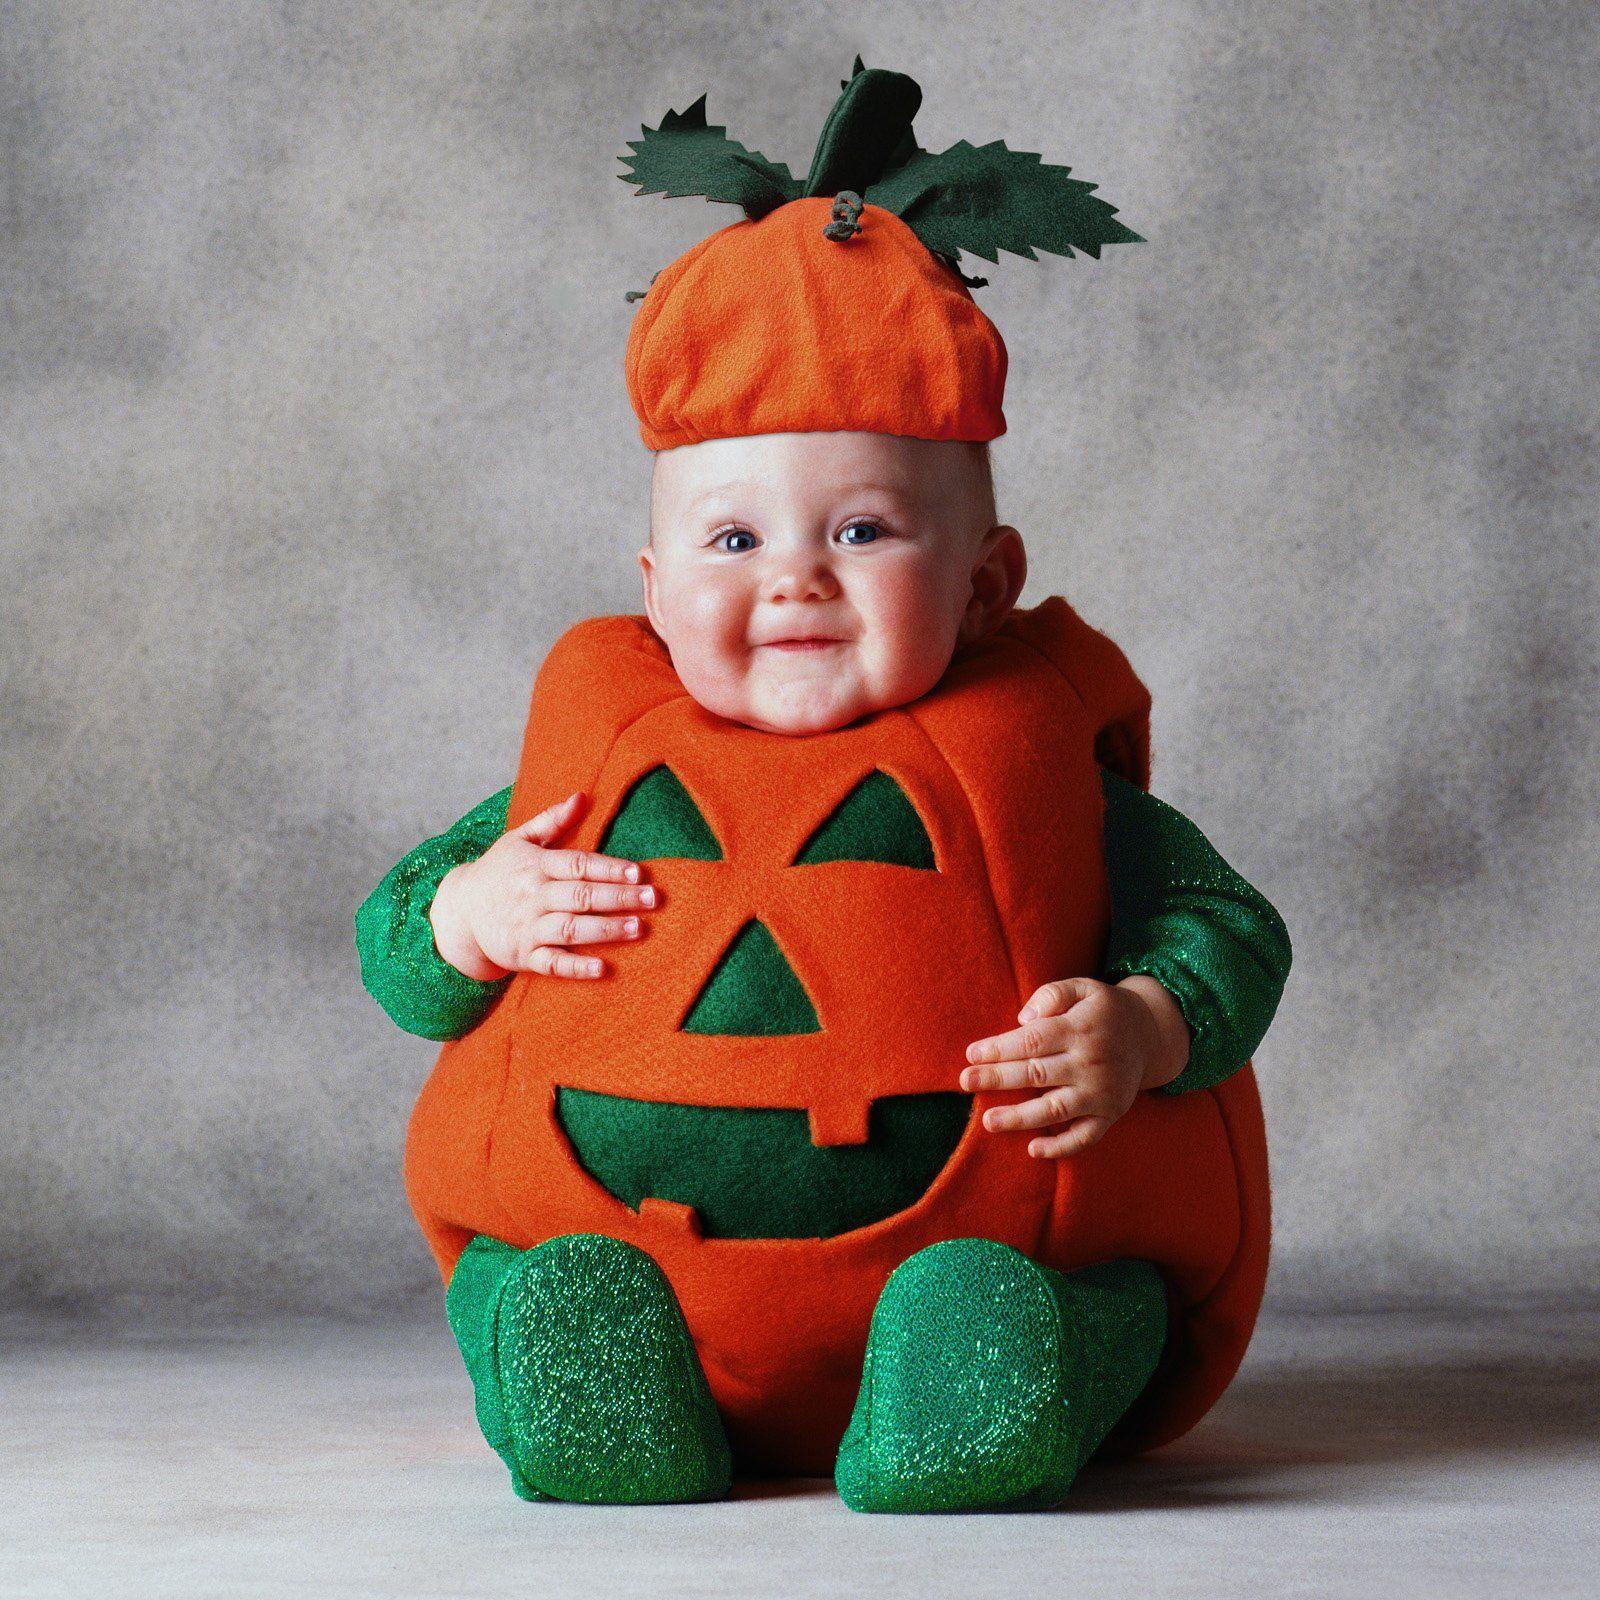 First Cute Halloween Costume Pumpkin Costumes  sc 1 st  Pinterest & First Cute Halloween Costume Pumpkin Costumes | Halloween ...